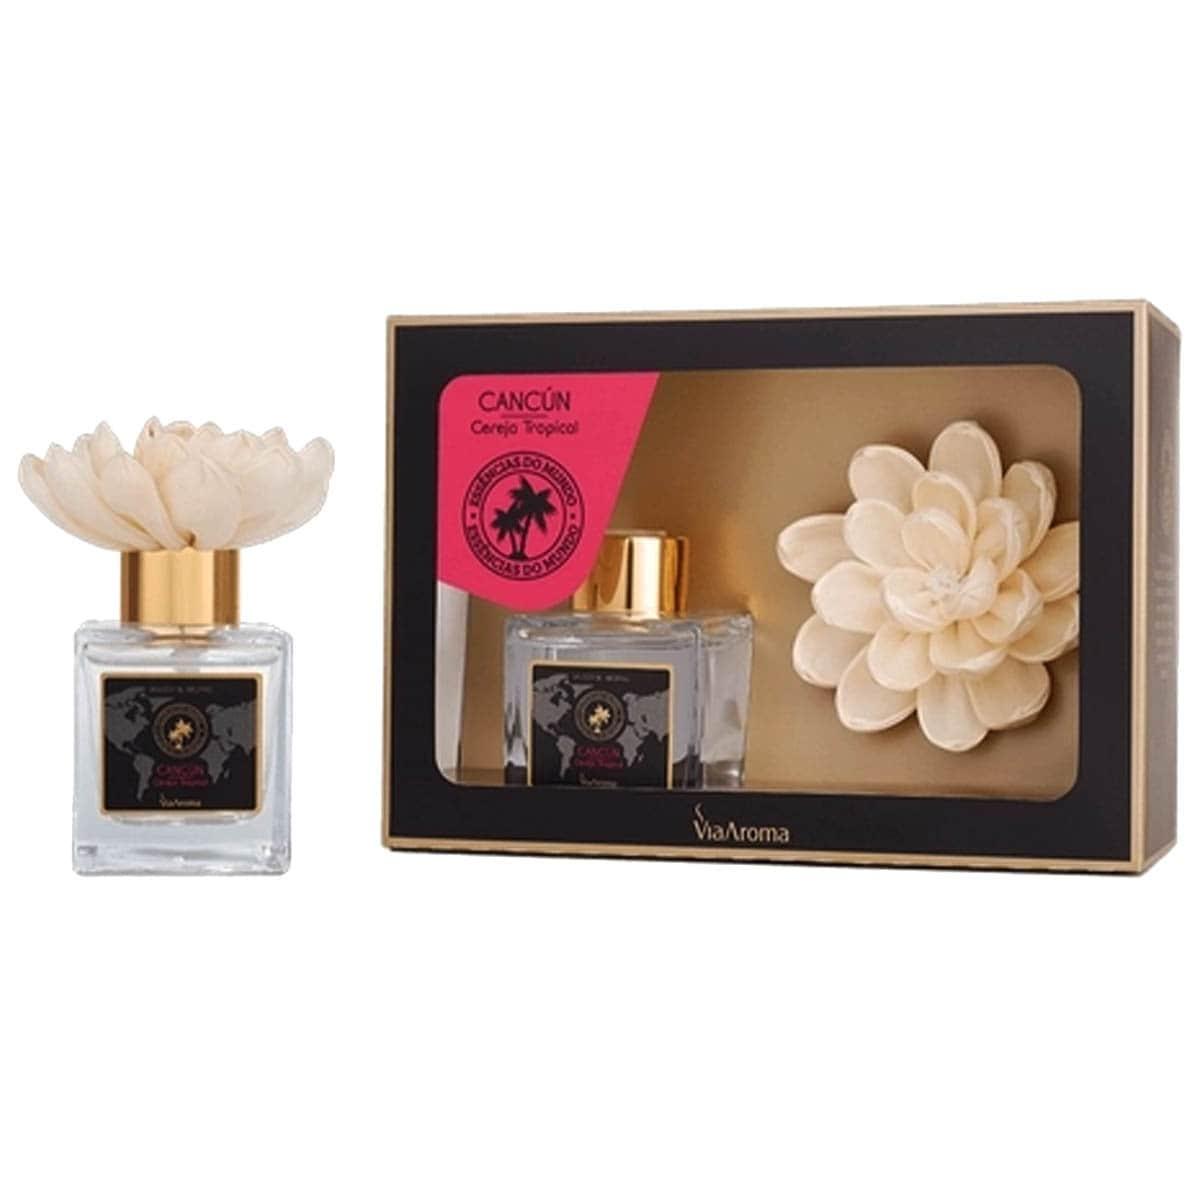 Flor difusora cancun - Via aroma